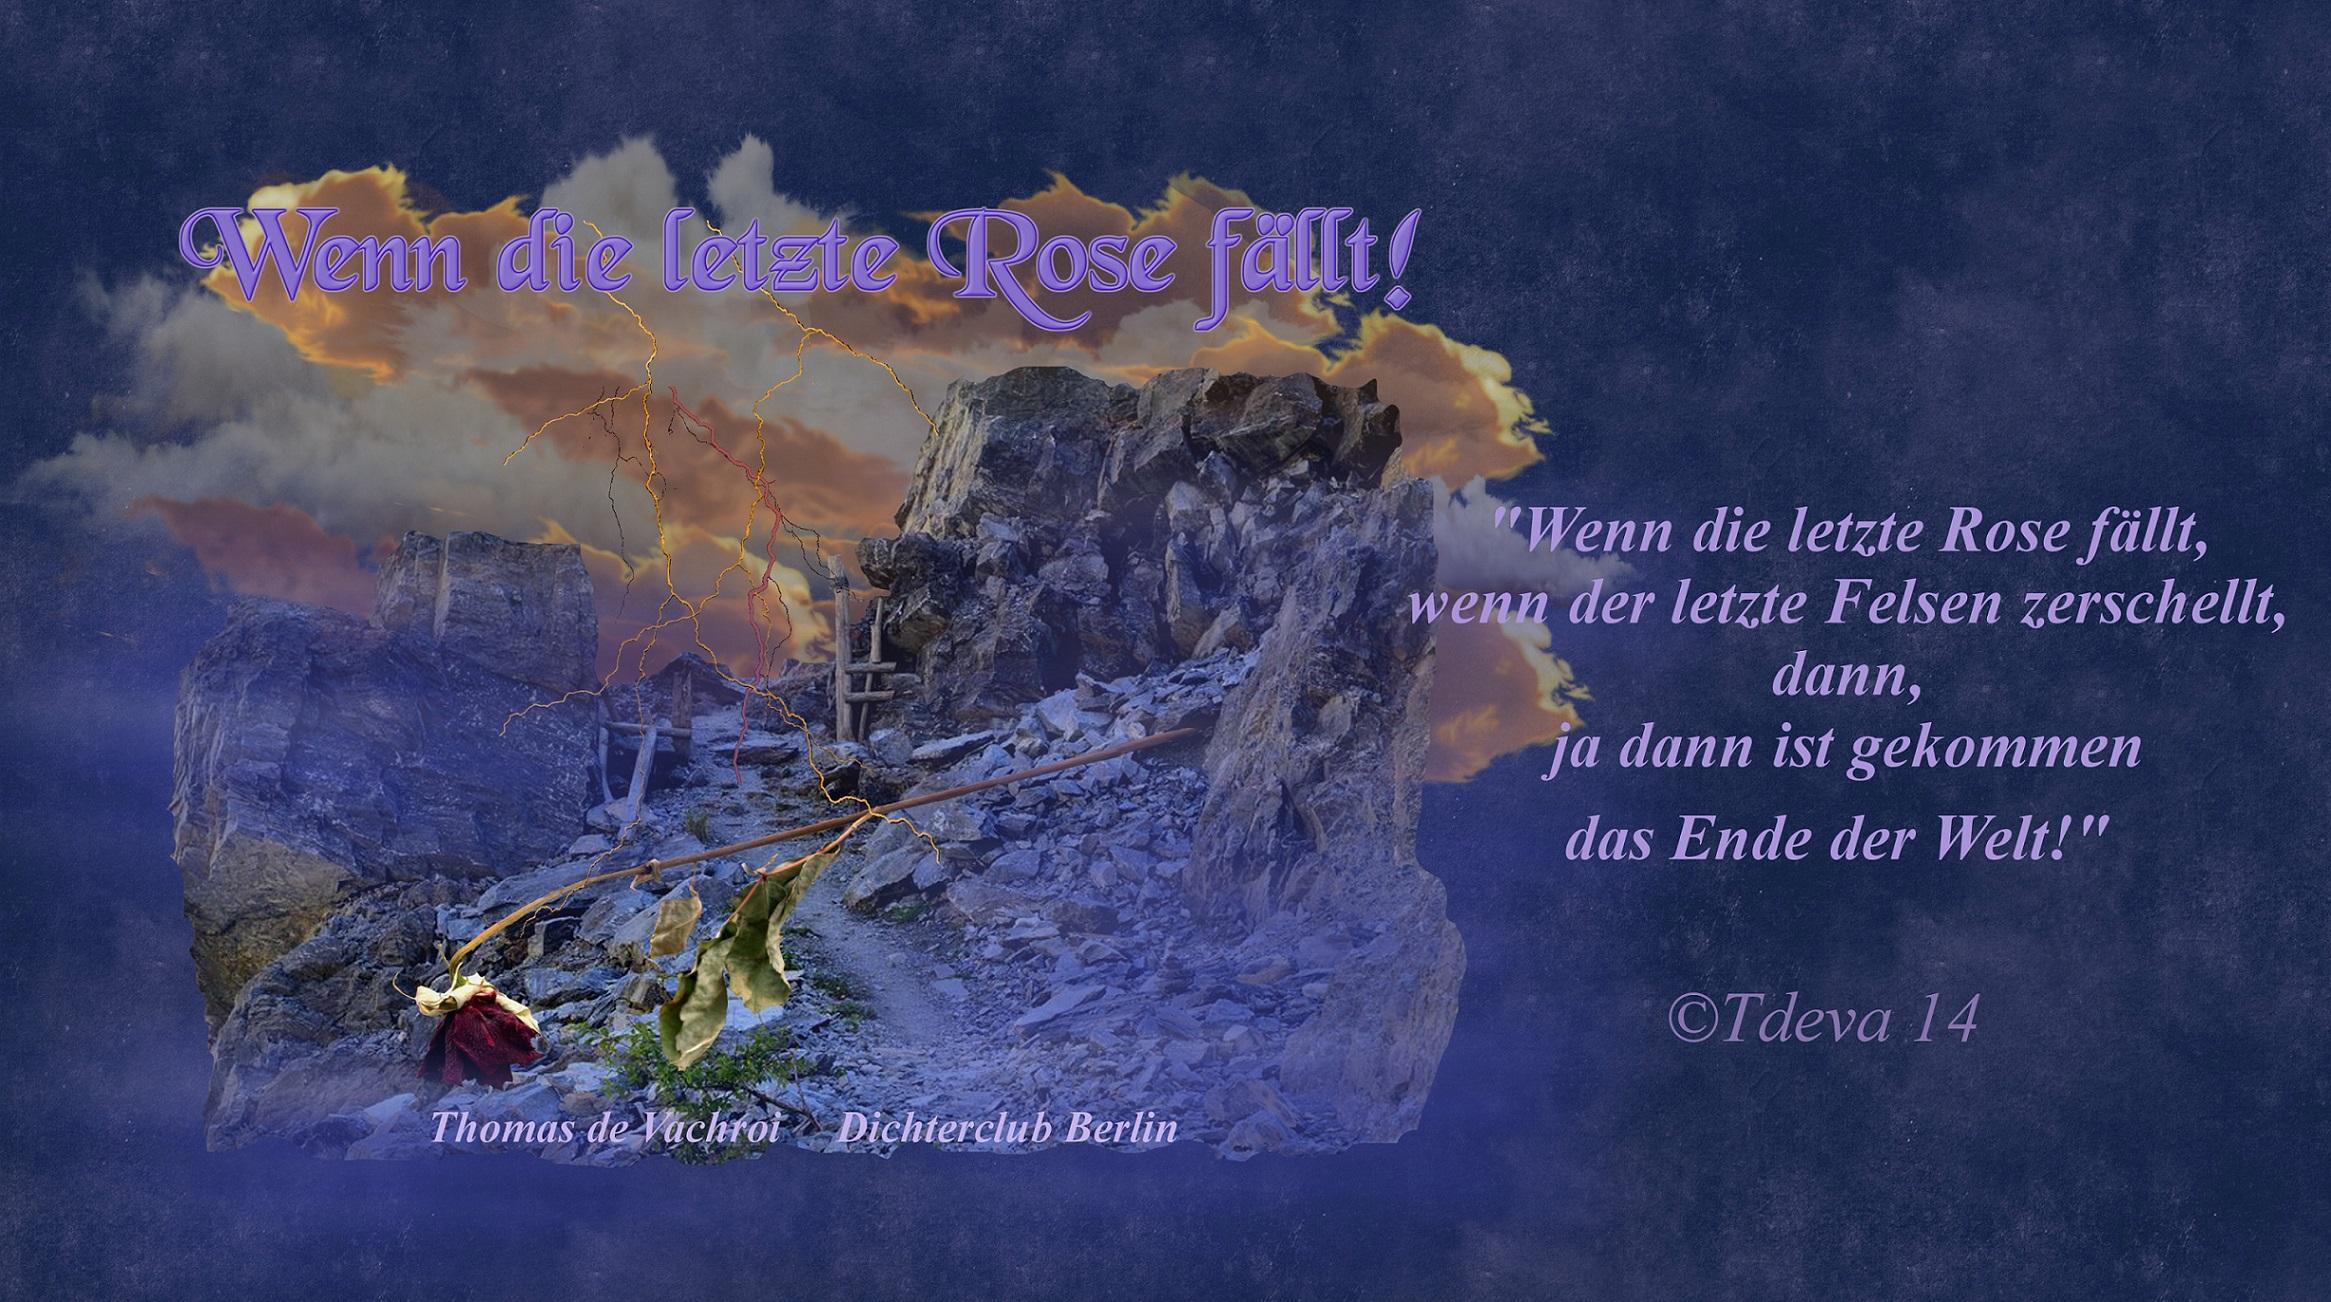 Wenn die letzte Rose fällt!